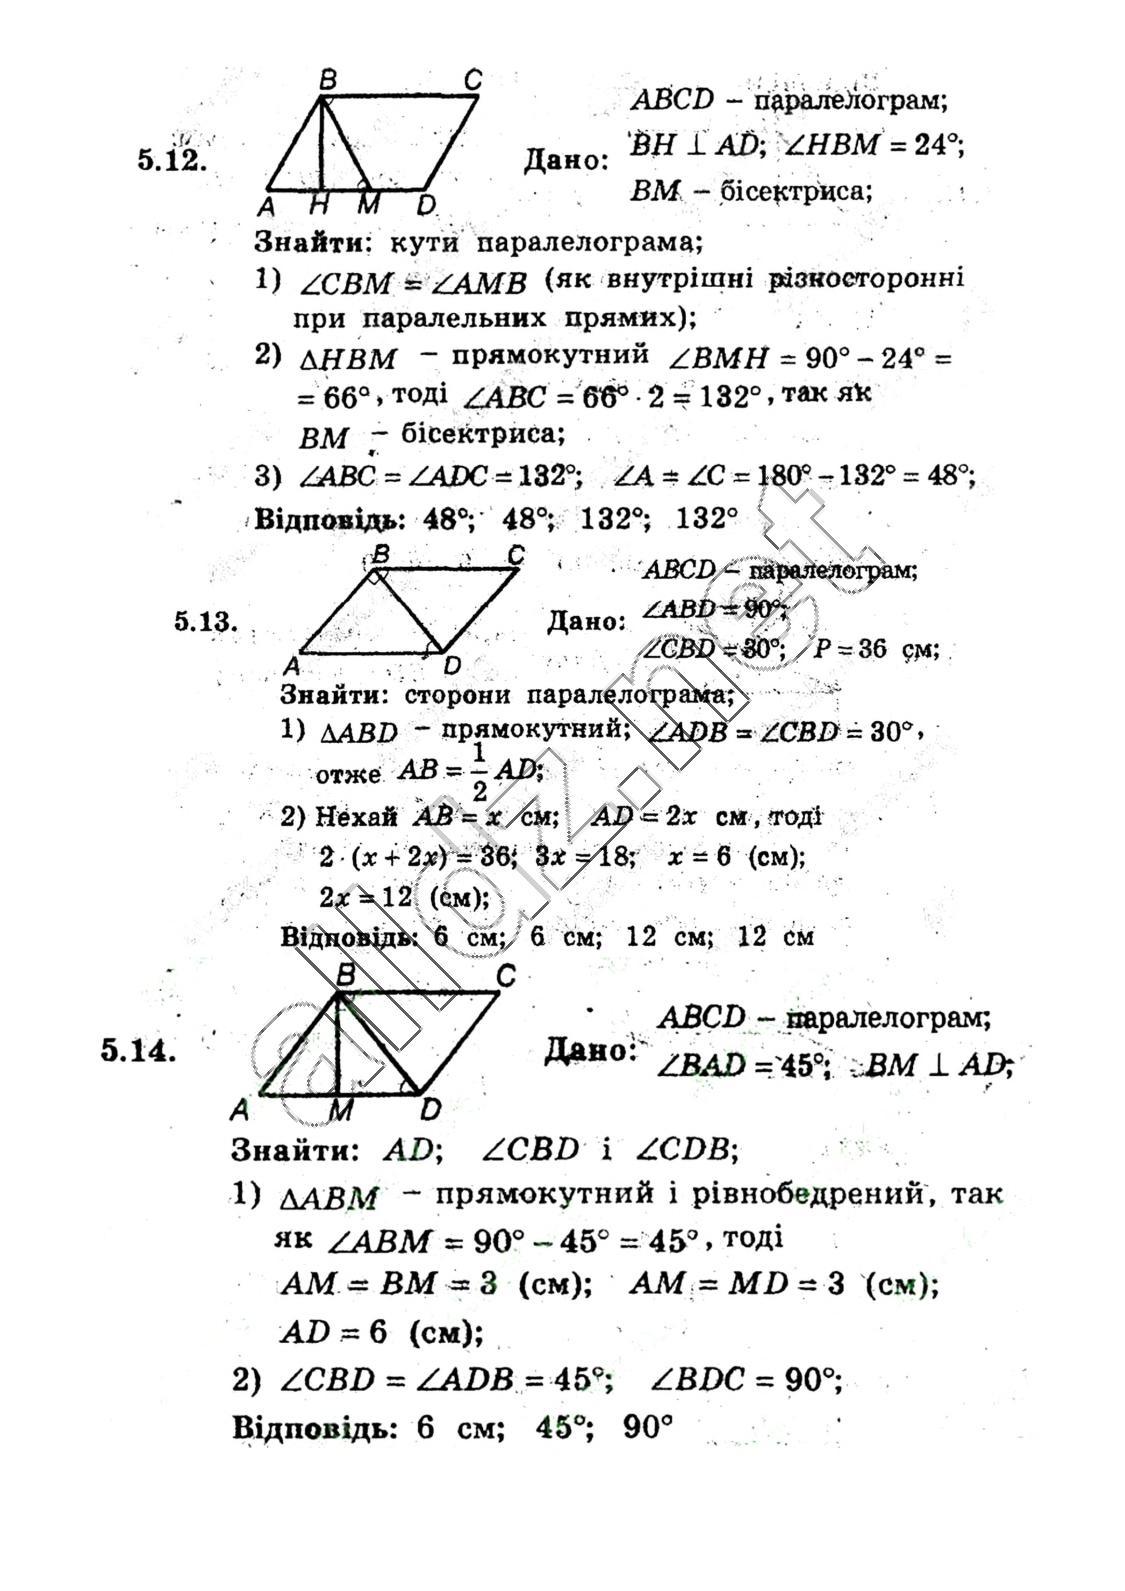 гдз по геометрії 8 клас 2019 мерзляк